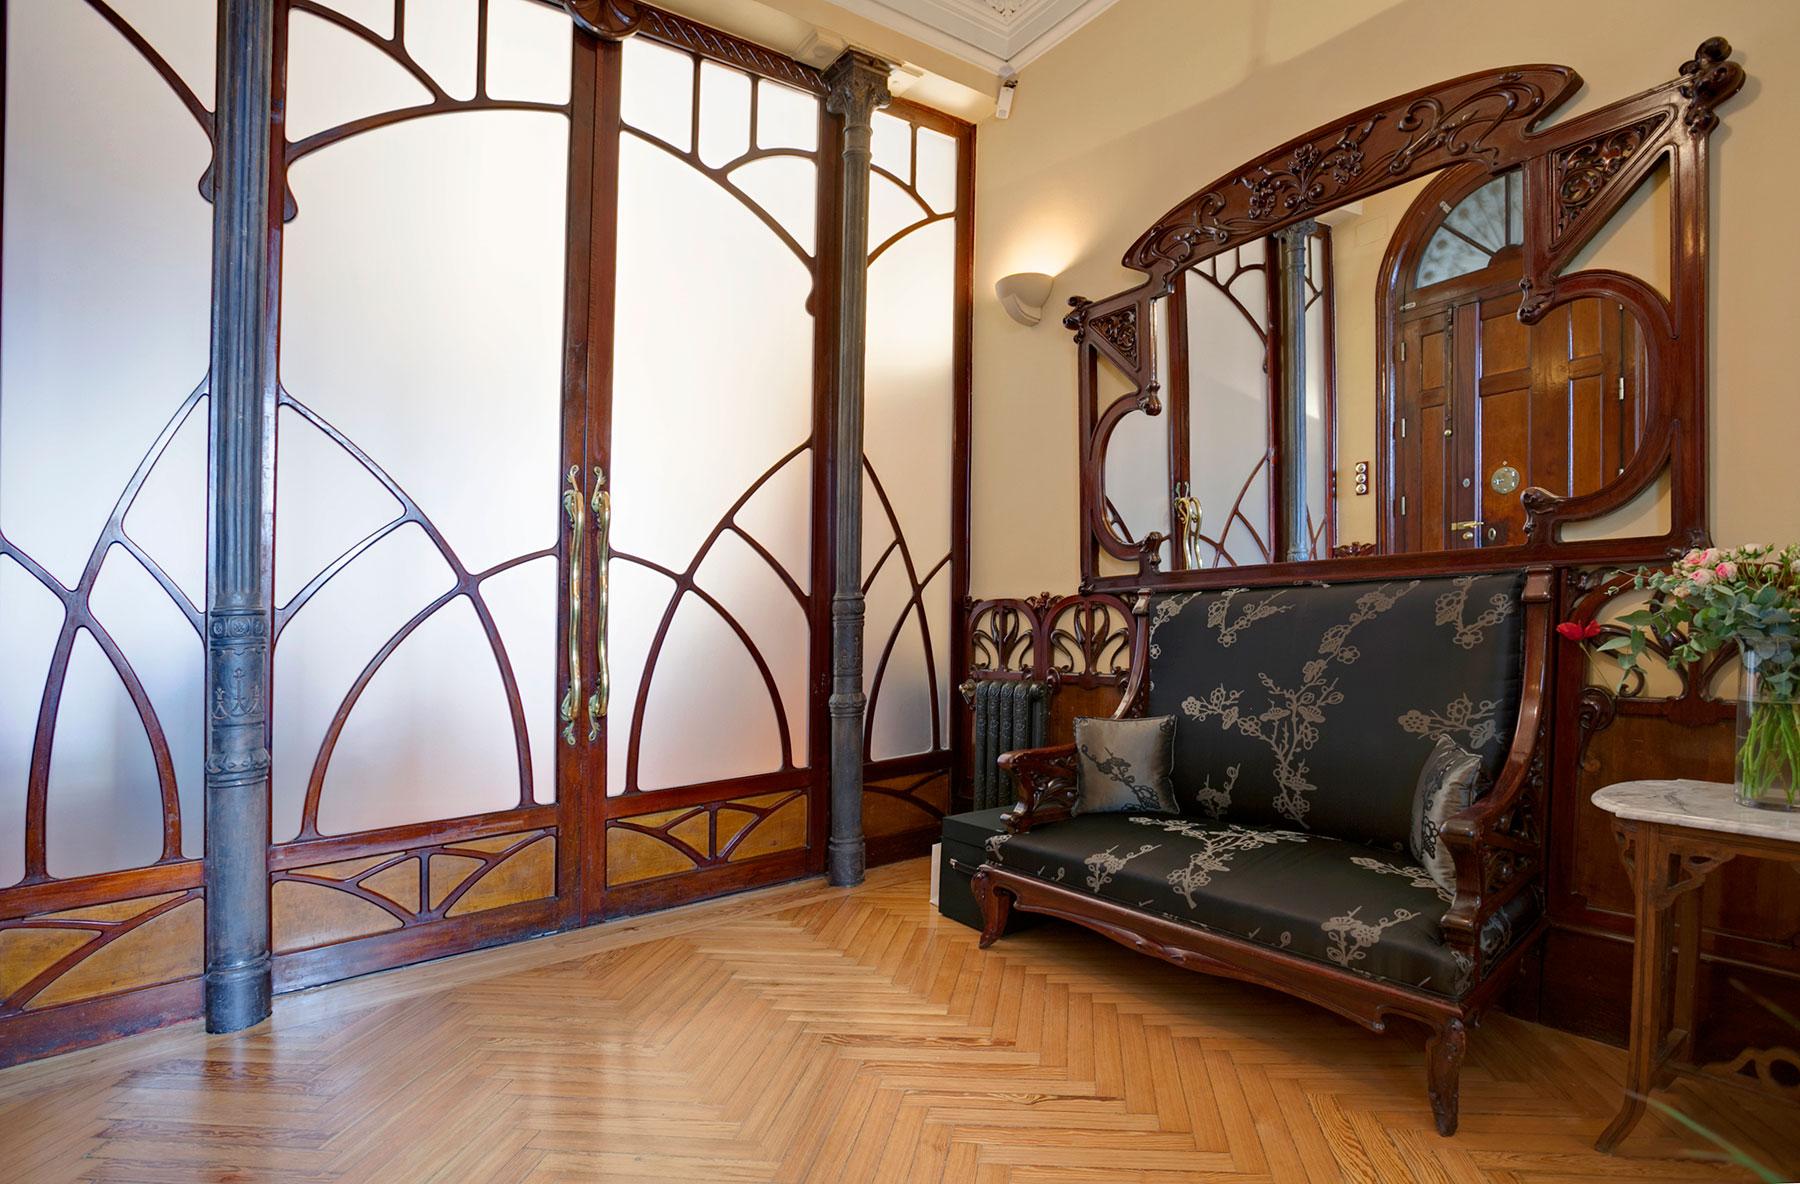 Природные мотивы можно увидеть в отделке, мебели и аксессуарах